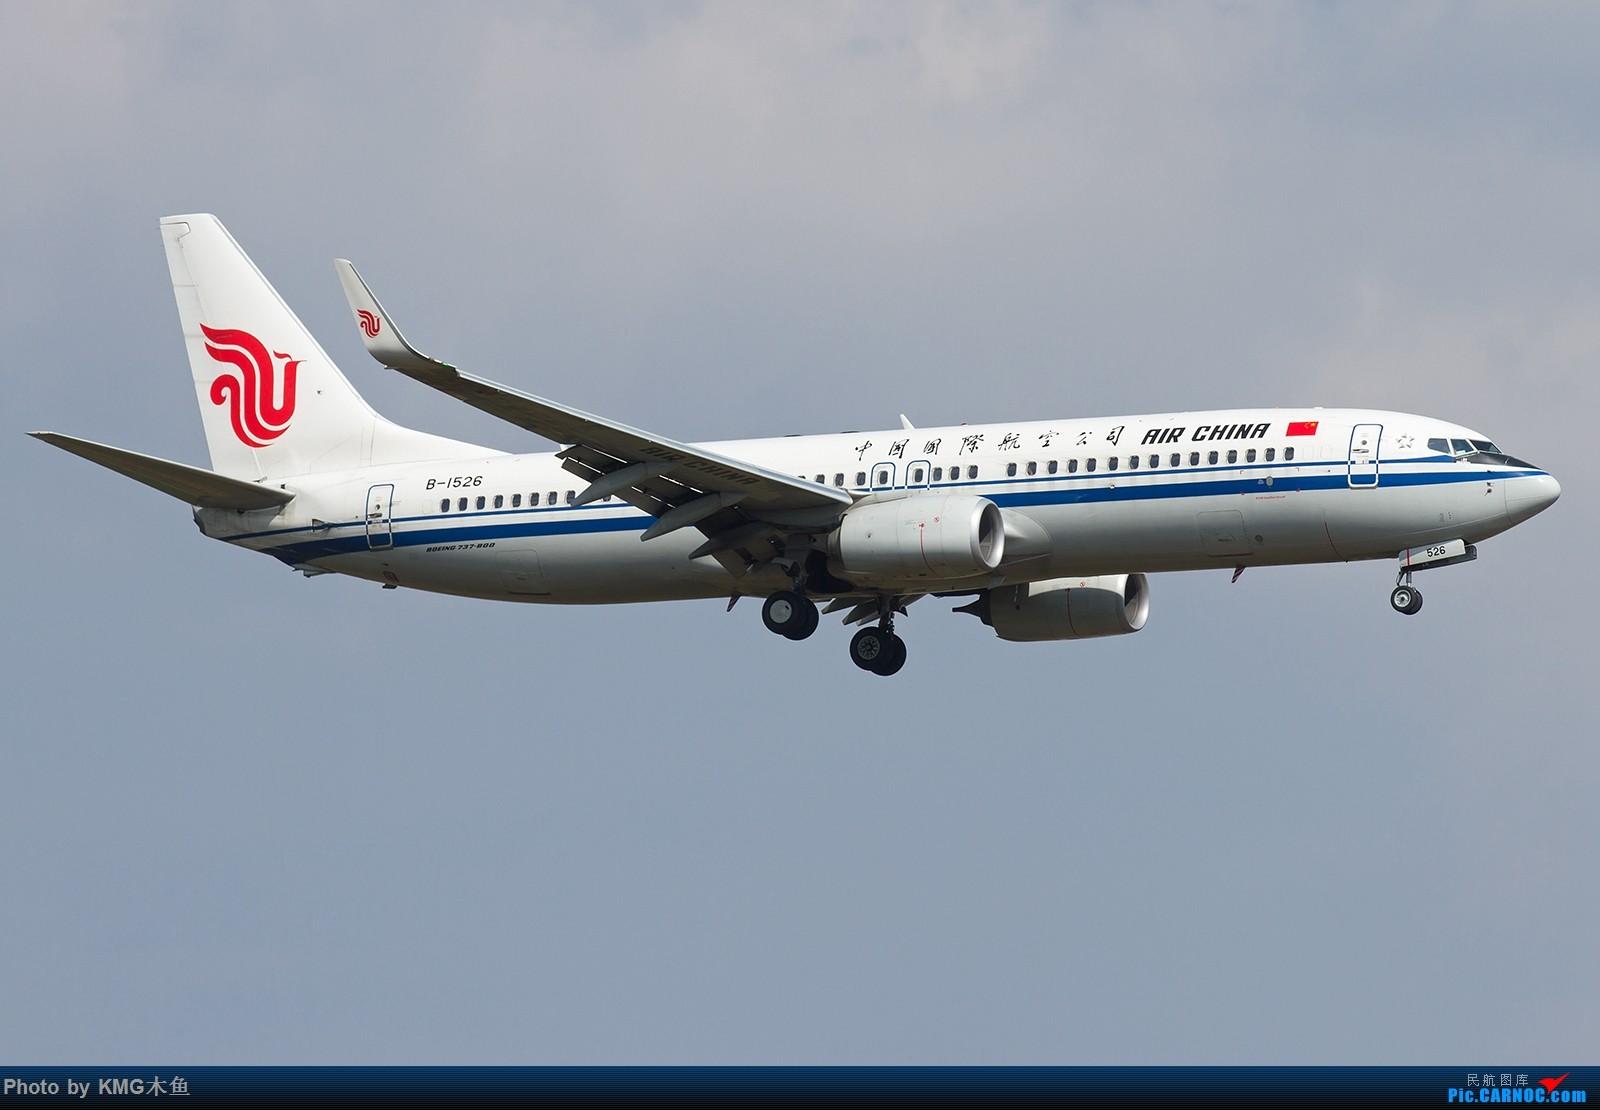 Re:[原创]【昆明长水国际机场——KMG木鱼拍机】向着功勋级出发,把库存图拿出来发了(高清大图) BOEING 737-800 B-1526 中国昆明长水国际机场